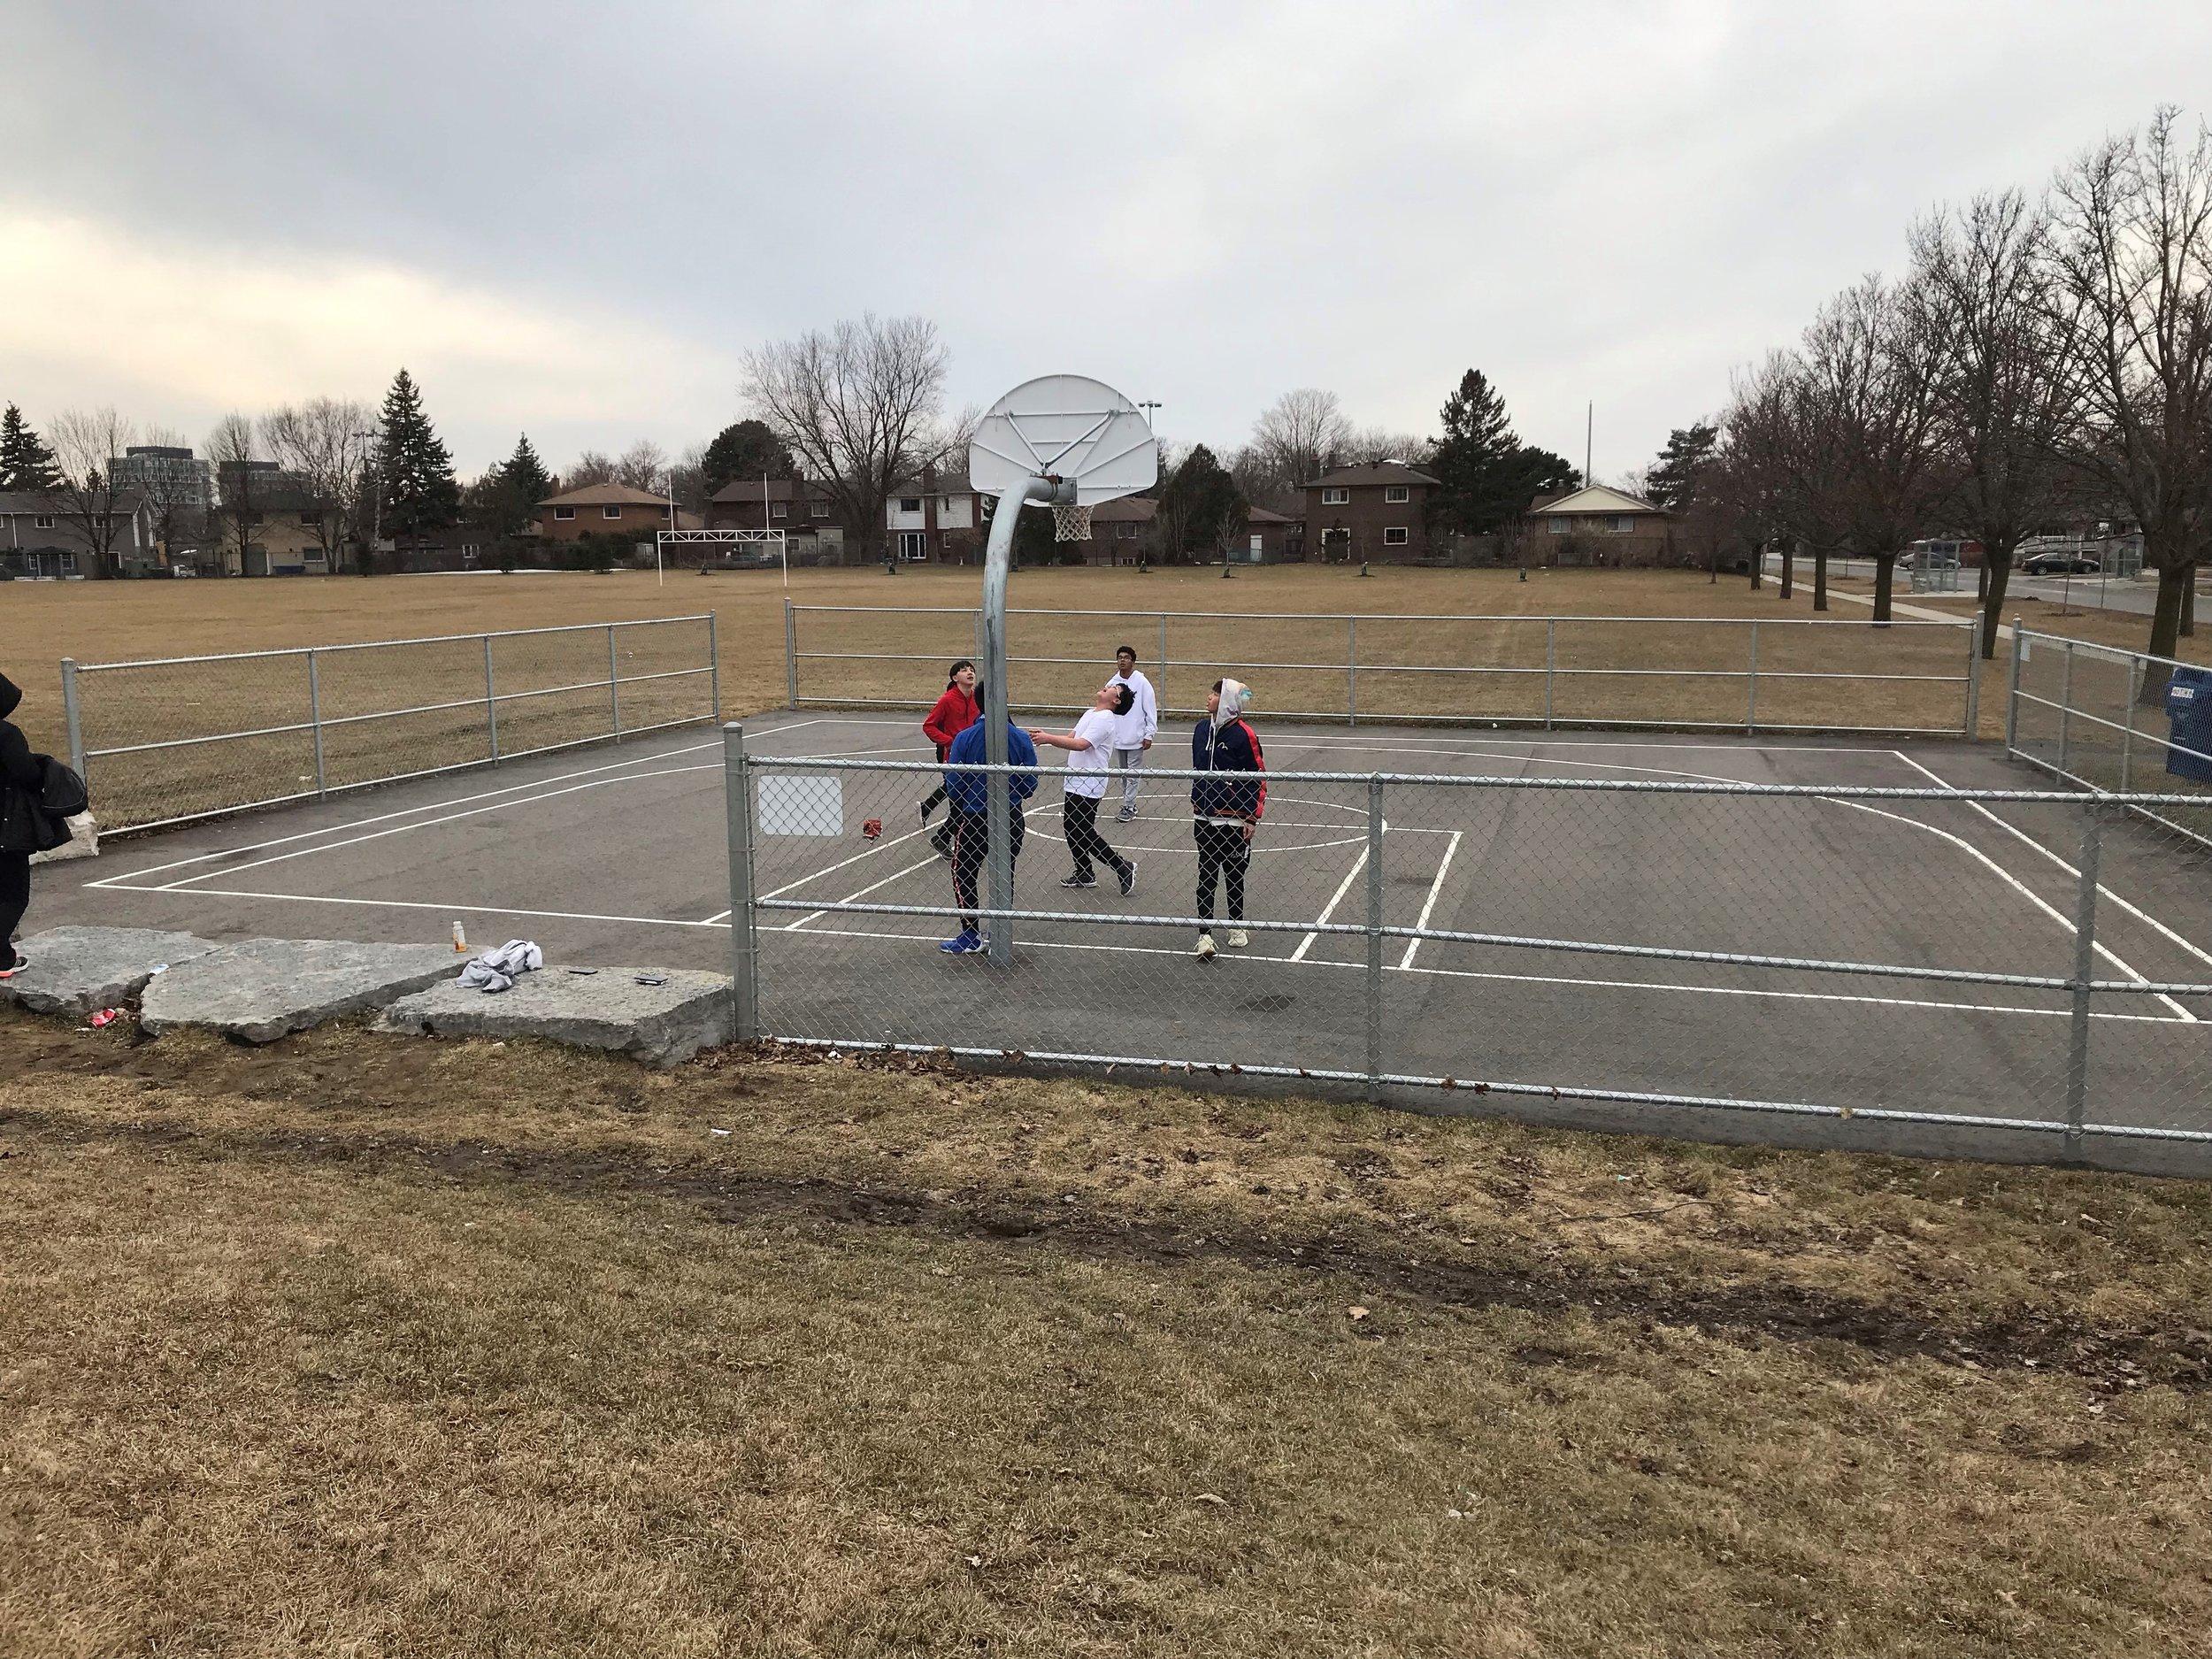 3 on 3 Basketball Court in Van Horne Park